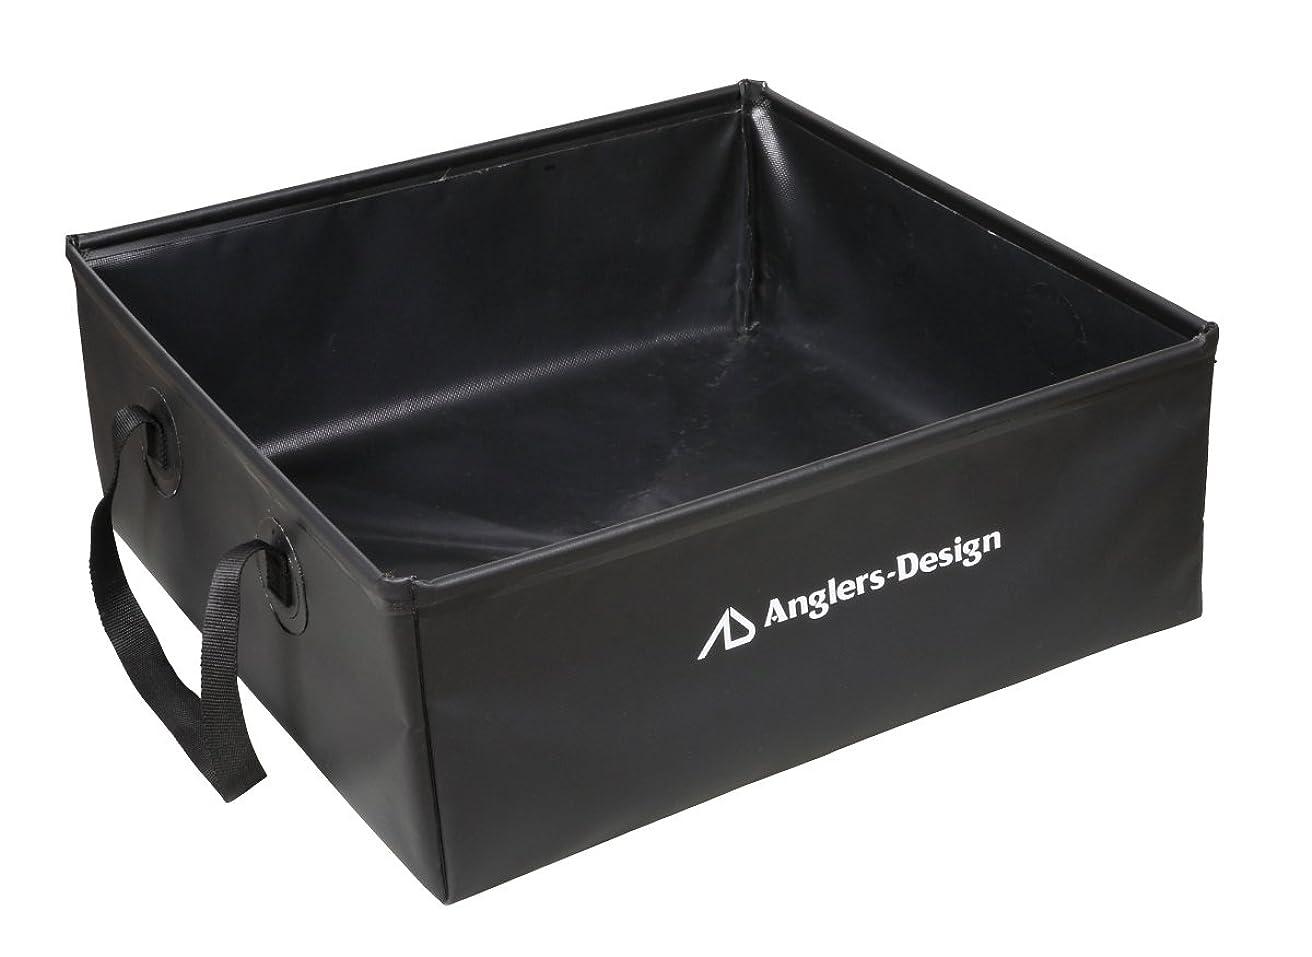 プール命題どんよりしたアングラーズデザイン(Anglers Design) フォールディングバッグ ADB-26 ブラック W50*H18*D50cm